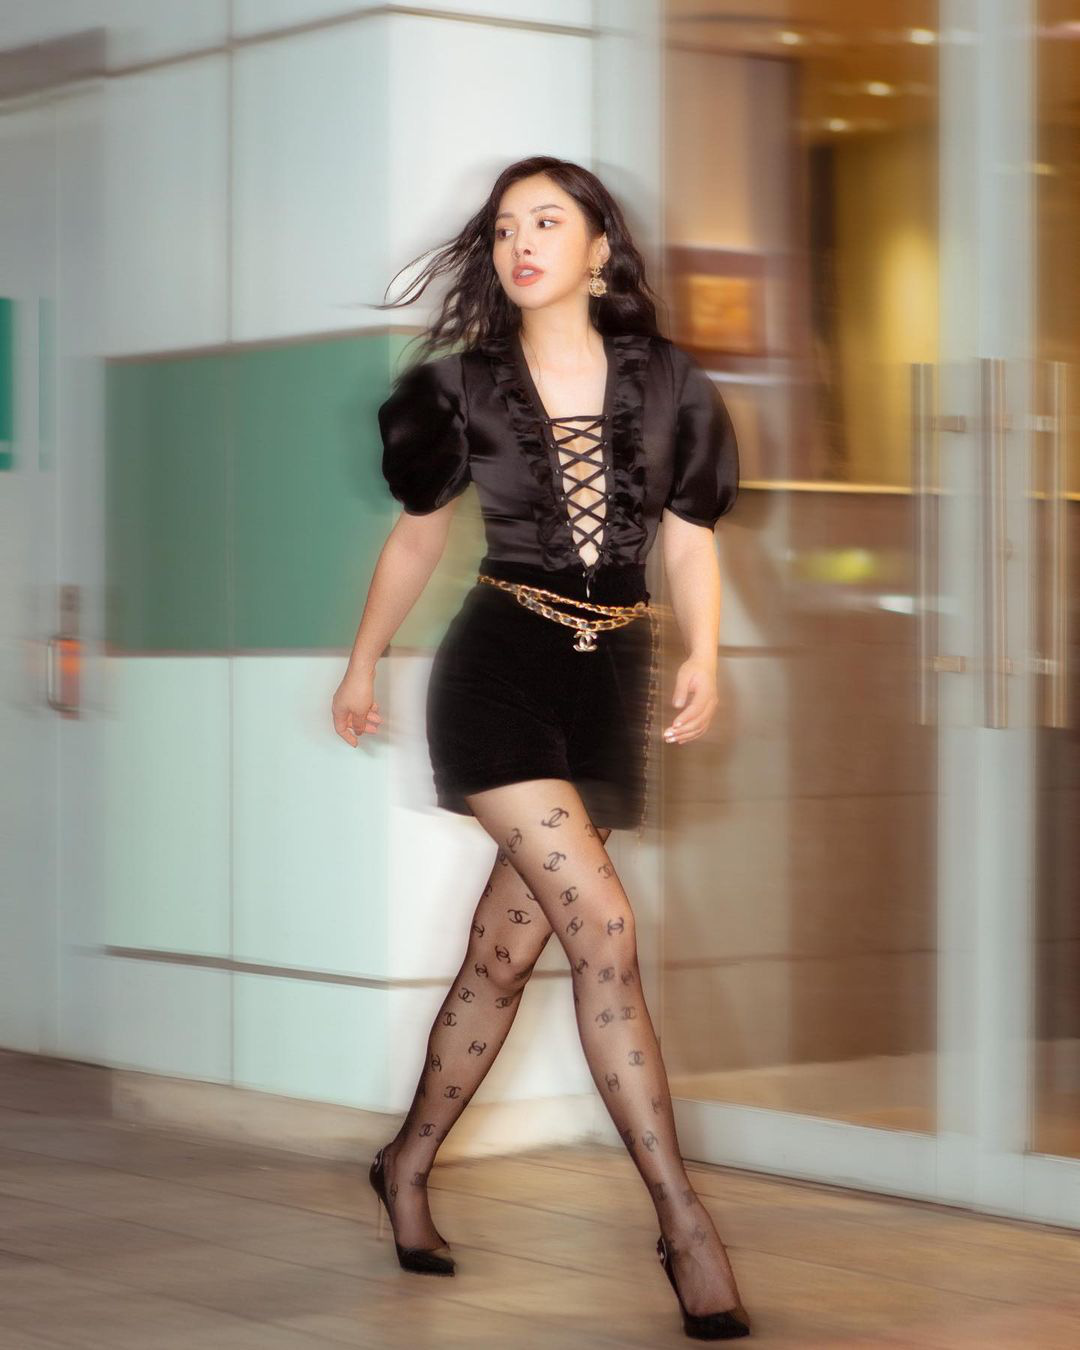 Kỳ Duyên hoài niệm về khoảnh khắc đăng quang Hoa hậu Việt Nam 2014, Trần Tiểu Vy bồi hồi xúc động - Ảnh 11.